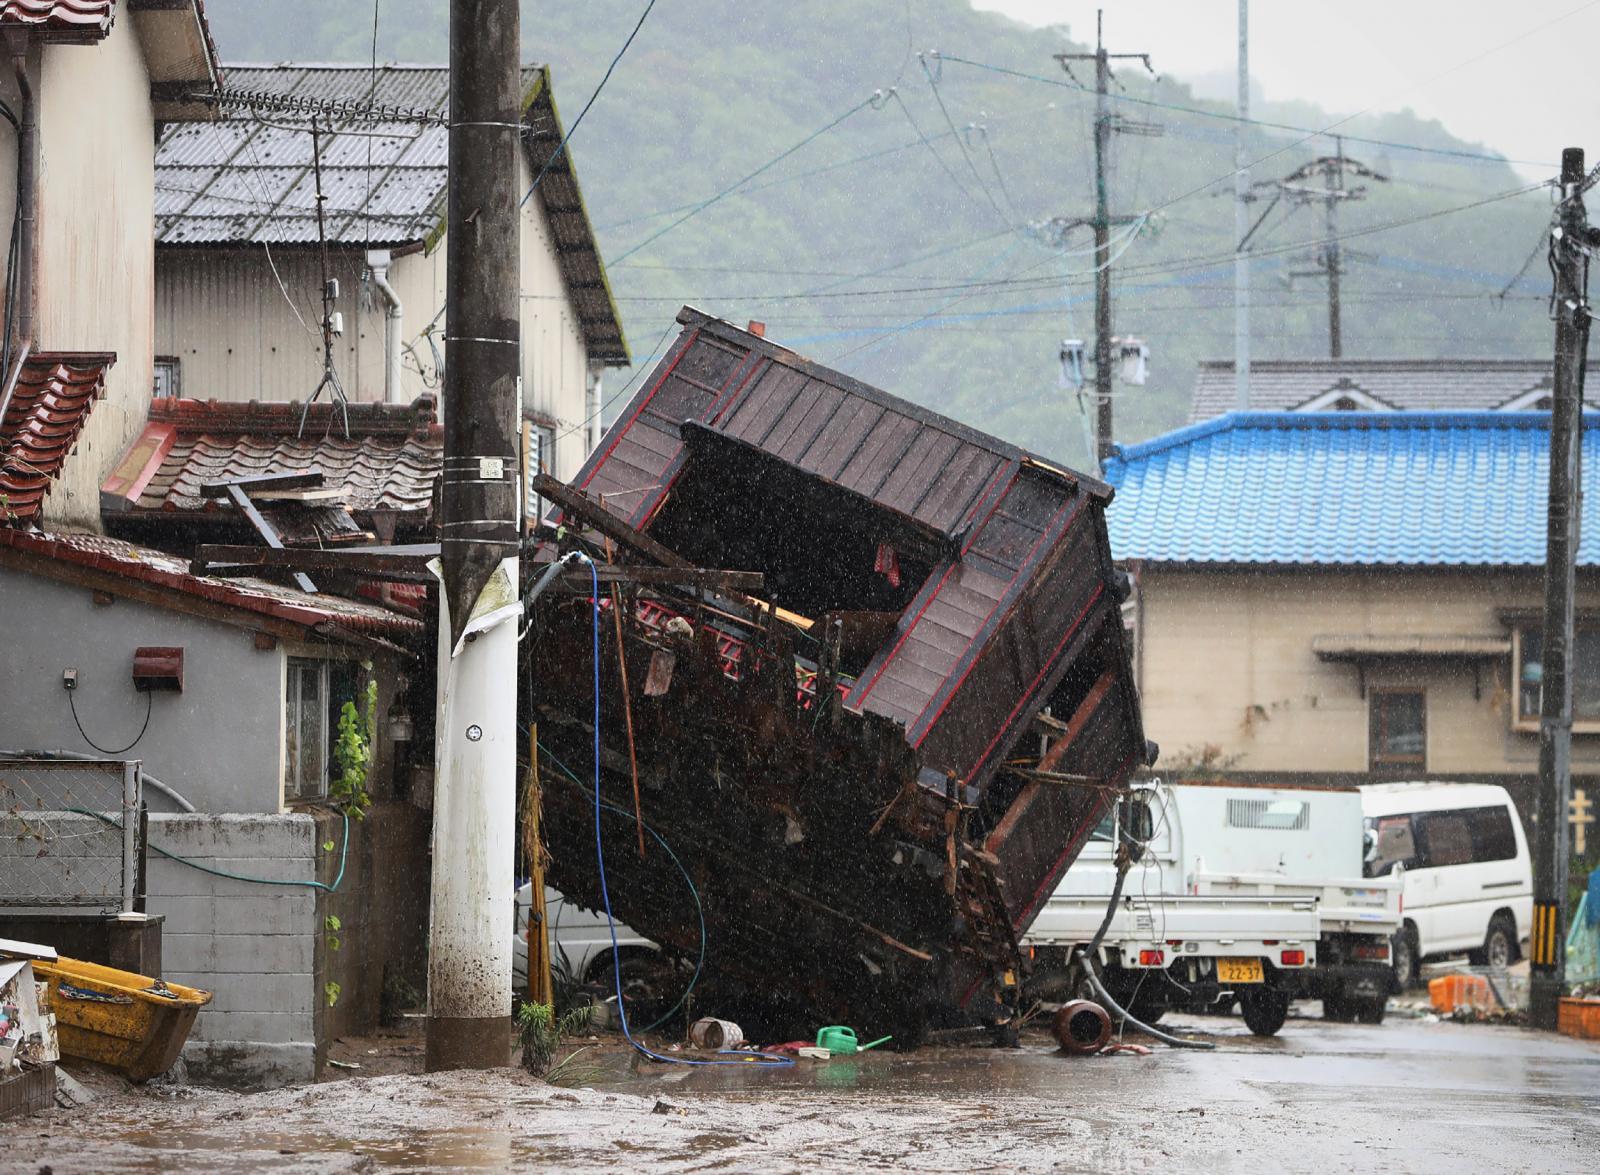 ญี่ปุ่นคาด มีผู้เสียชีวิตอย่างน้อย 40 ราย จากเหตุอุทกภัยครั้งใหญ่บนเกาะคิวชู